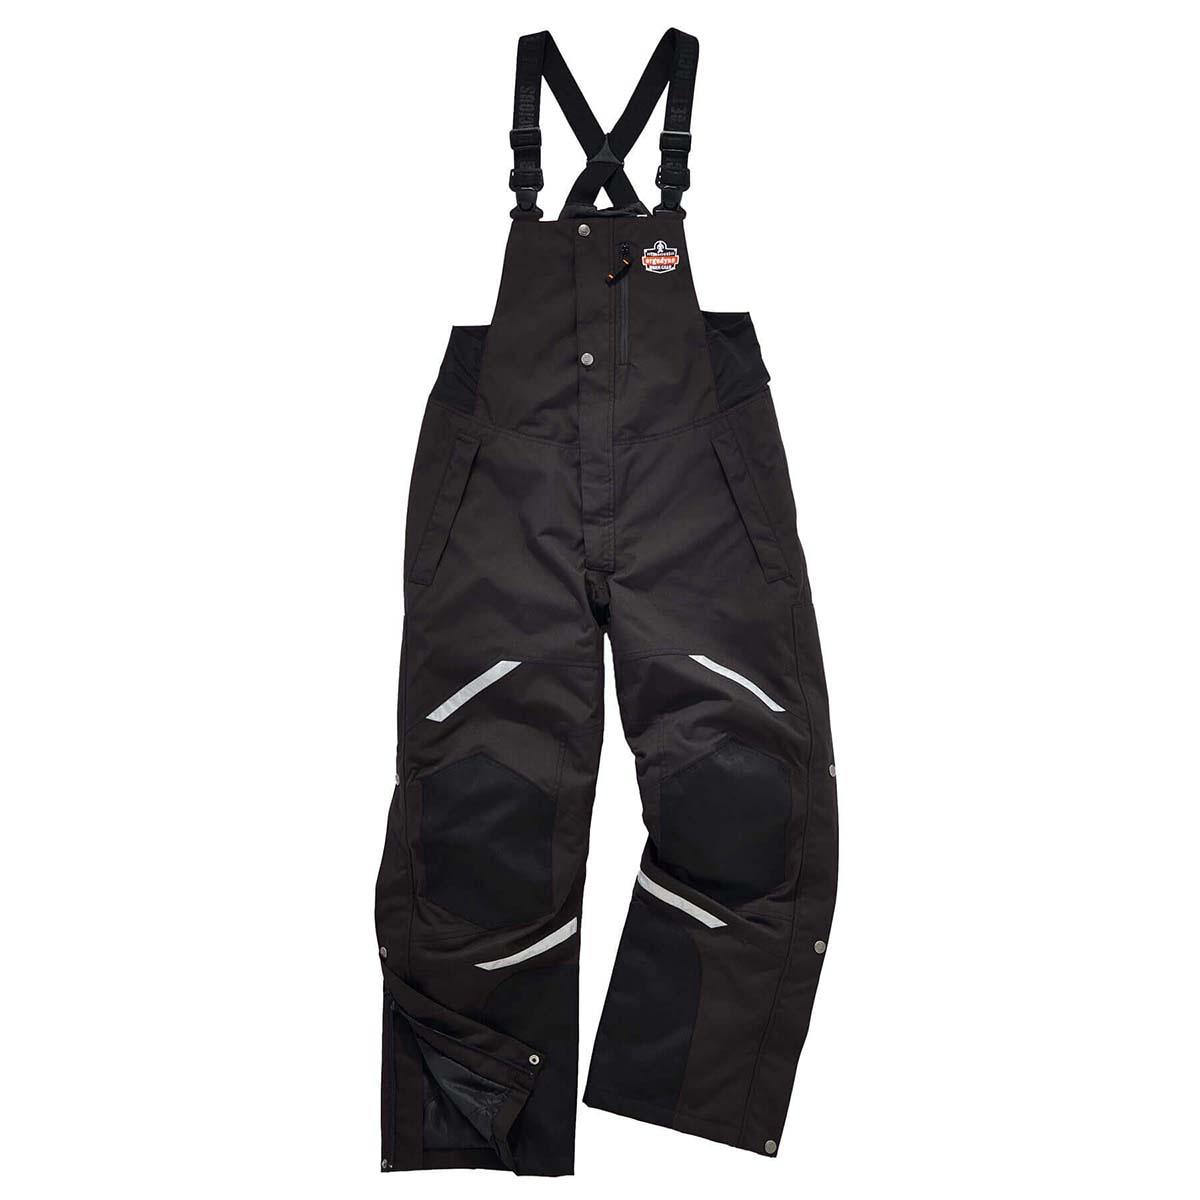 6471 L Black Thermal Bibs